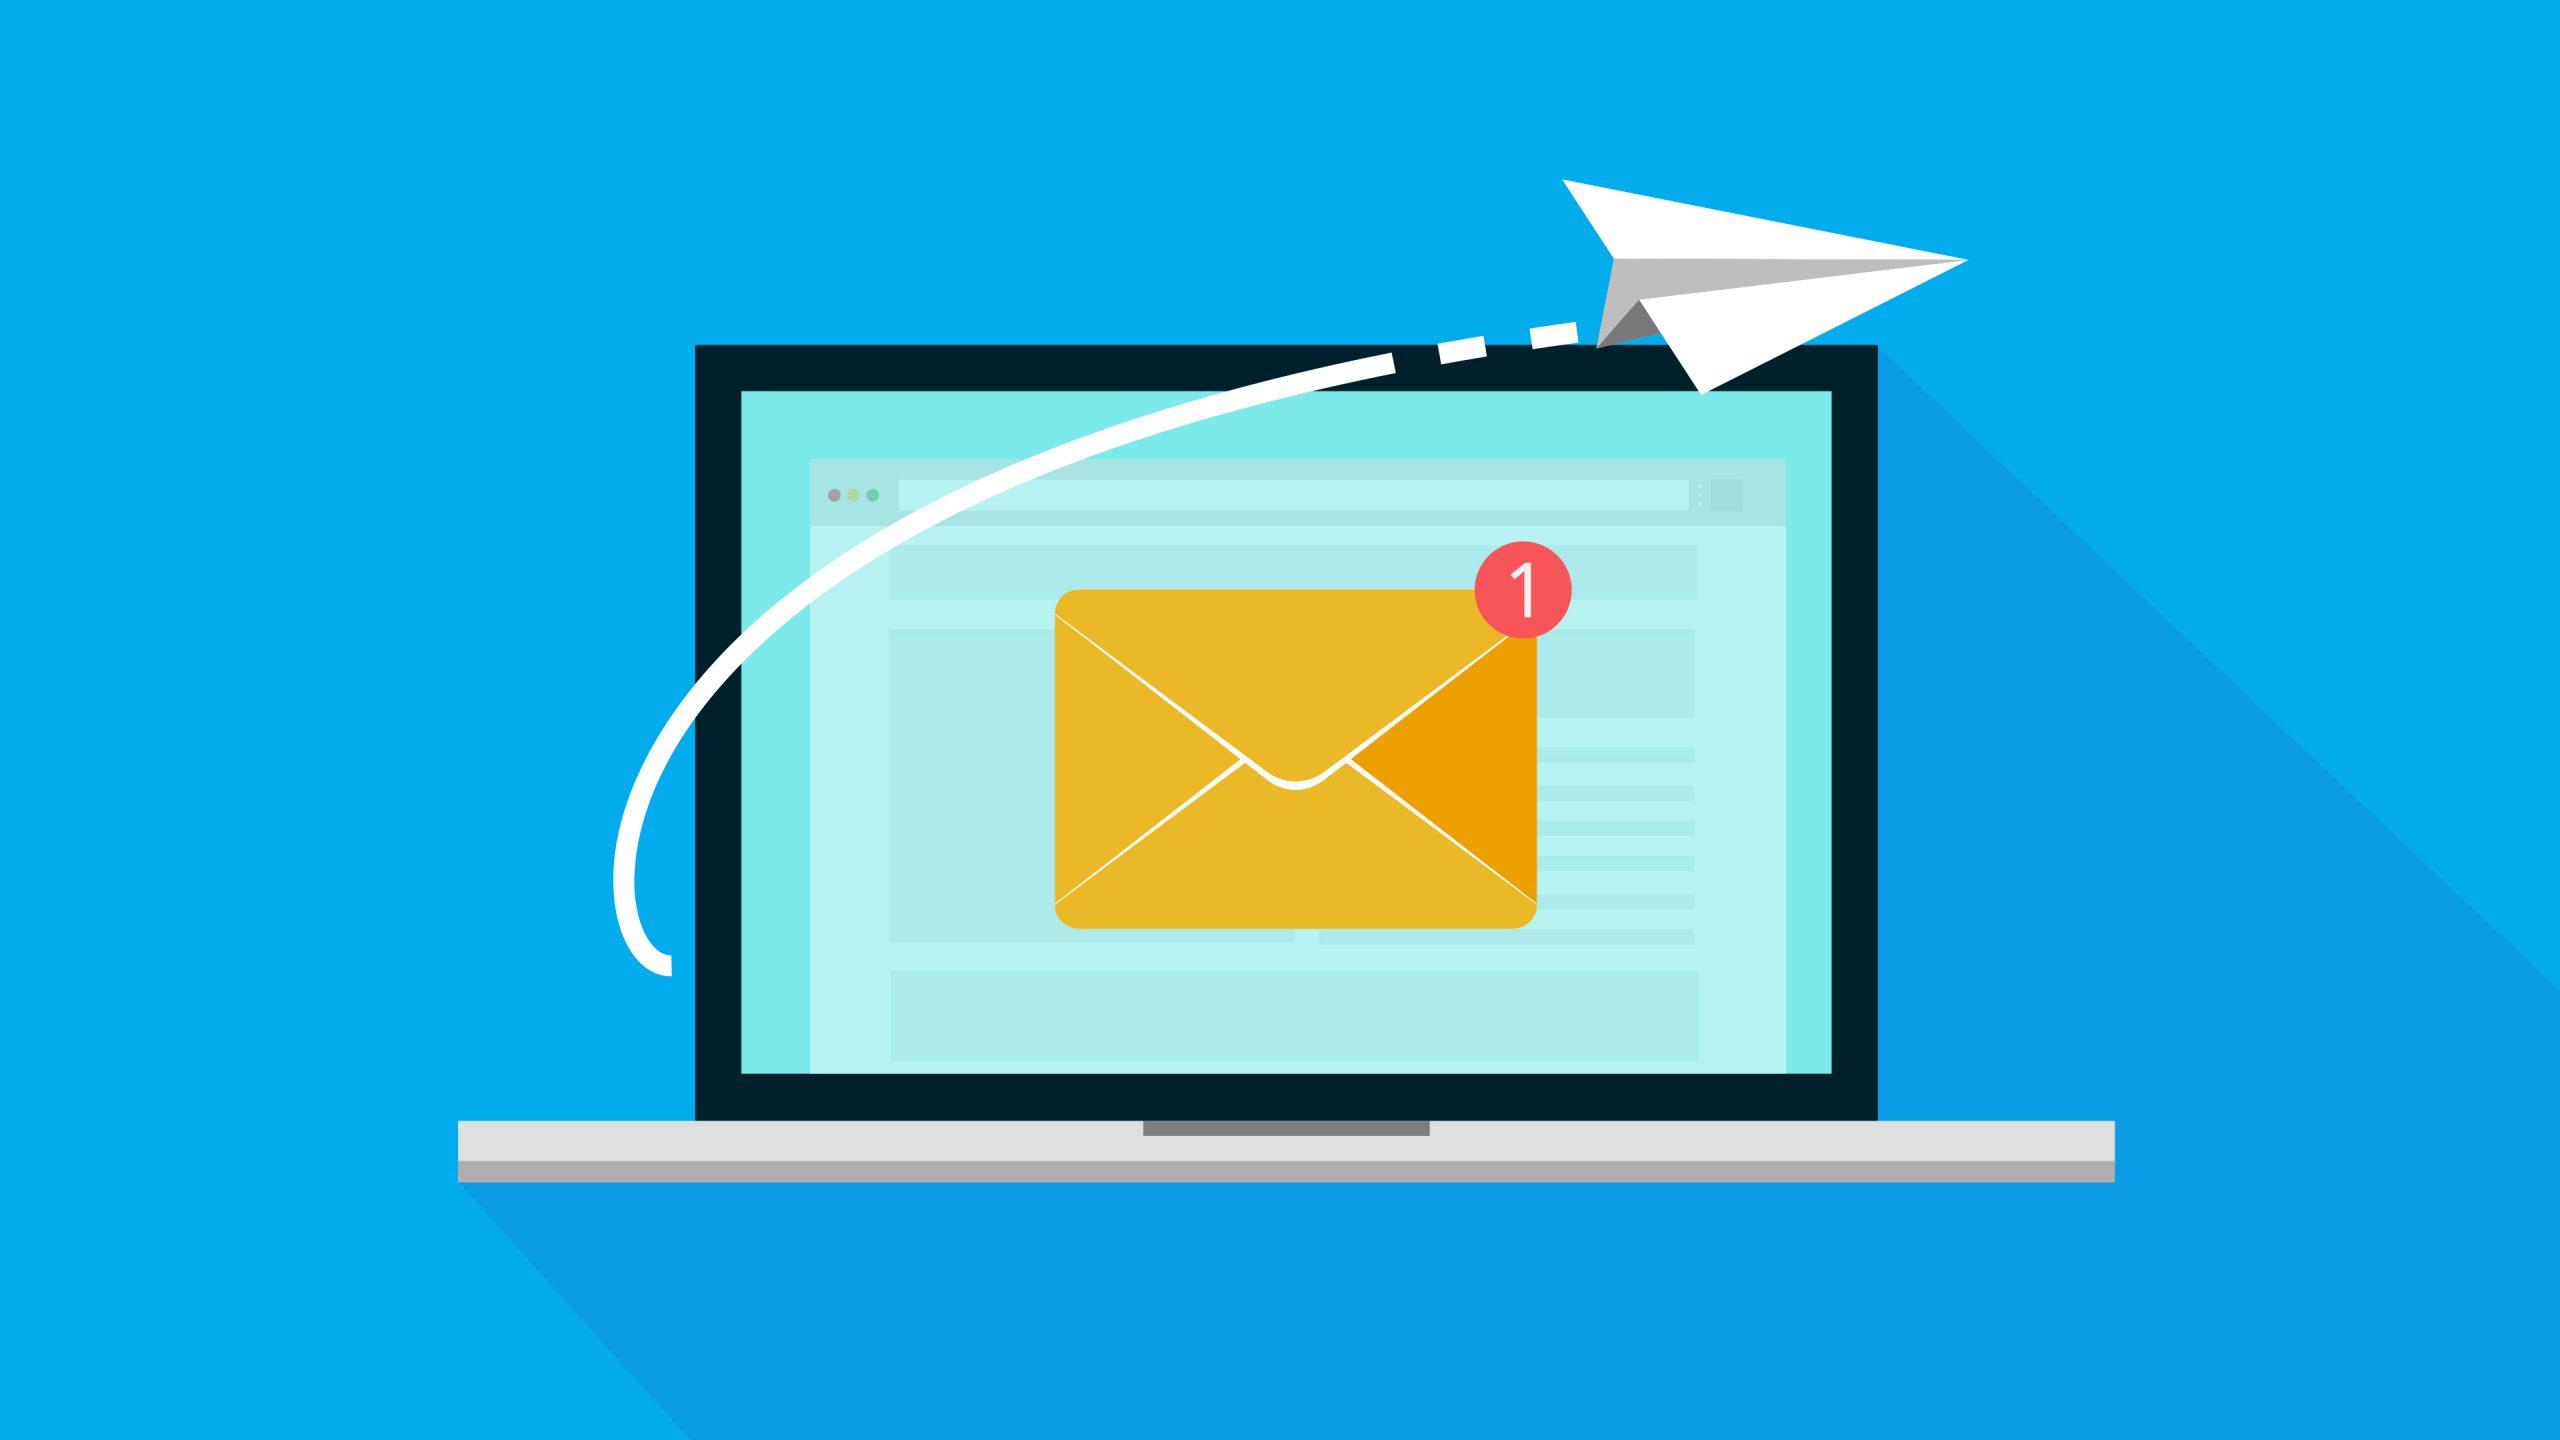 Referral là gì trong google analytics? Gửi email giúp tăng Referral traffic